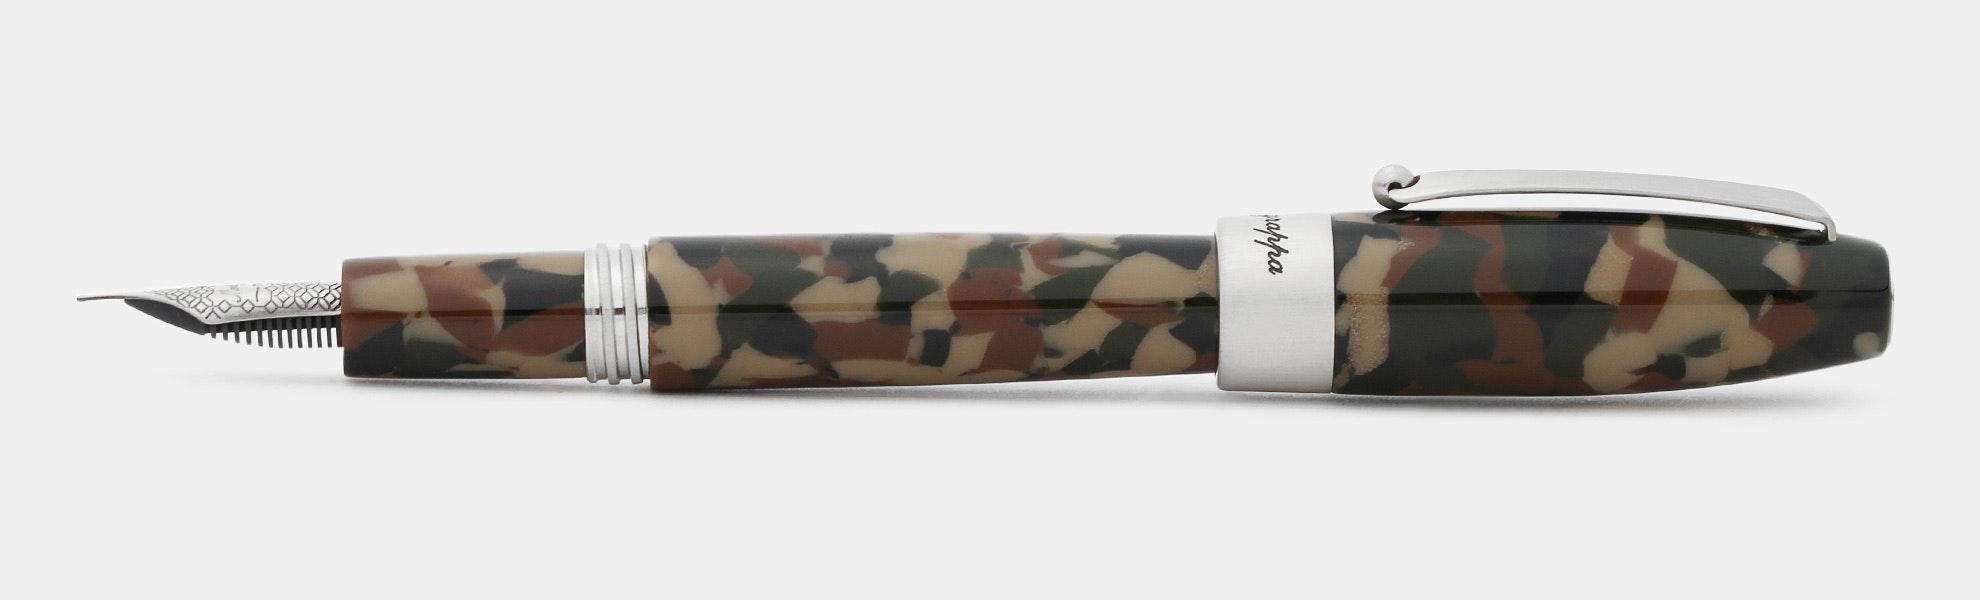 Montegrappa Fortuna Camouflage Fountain Pen